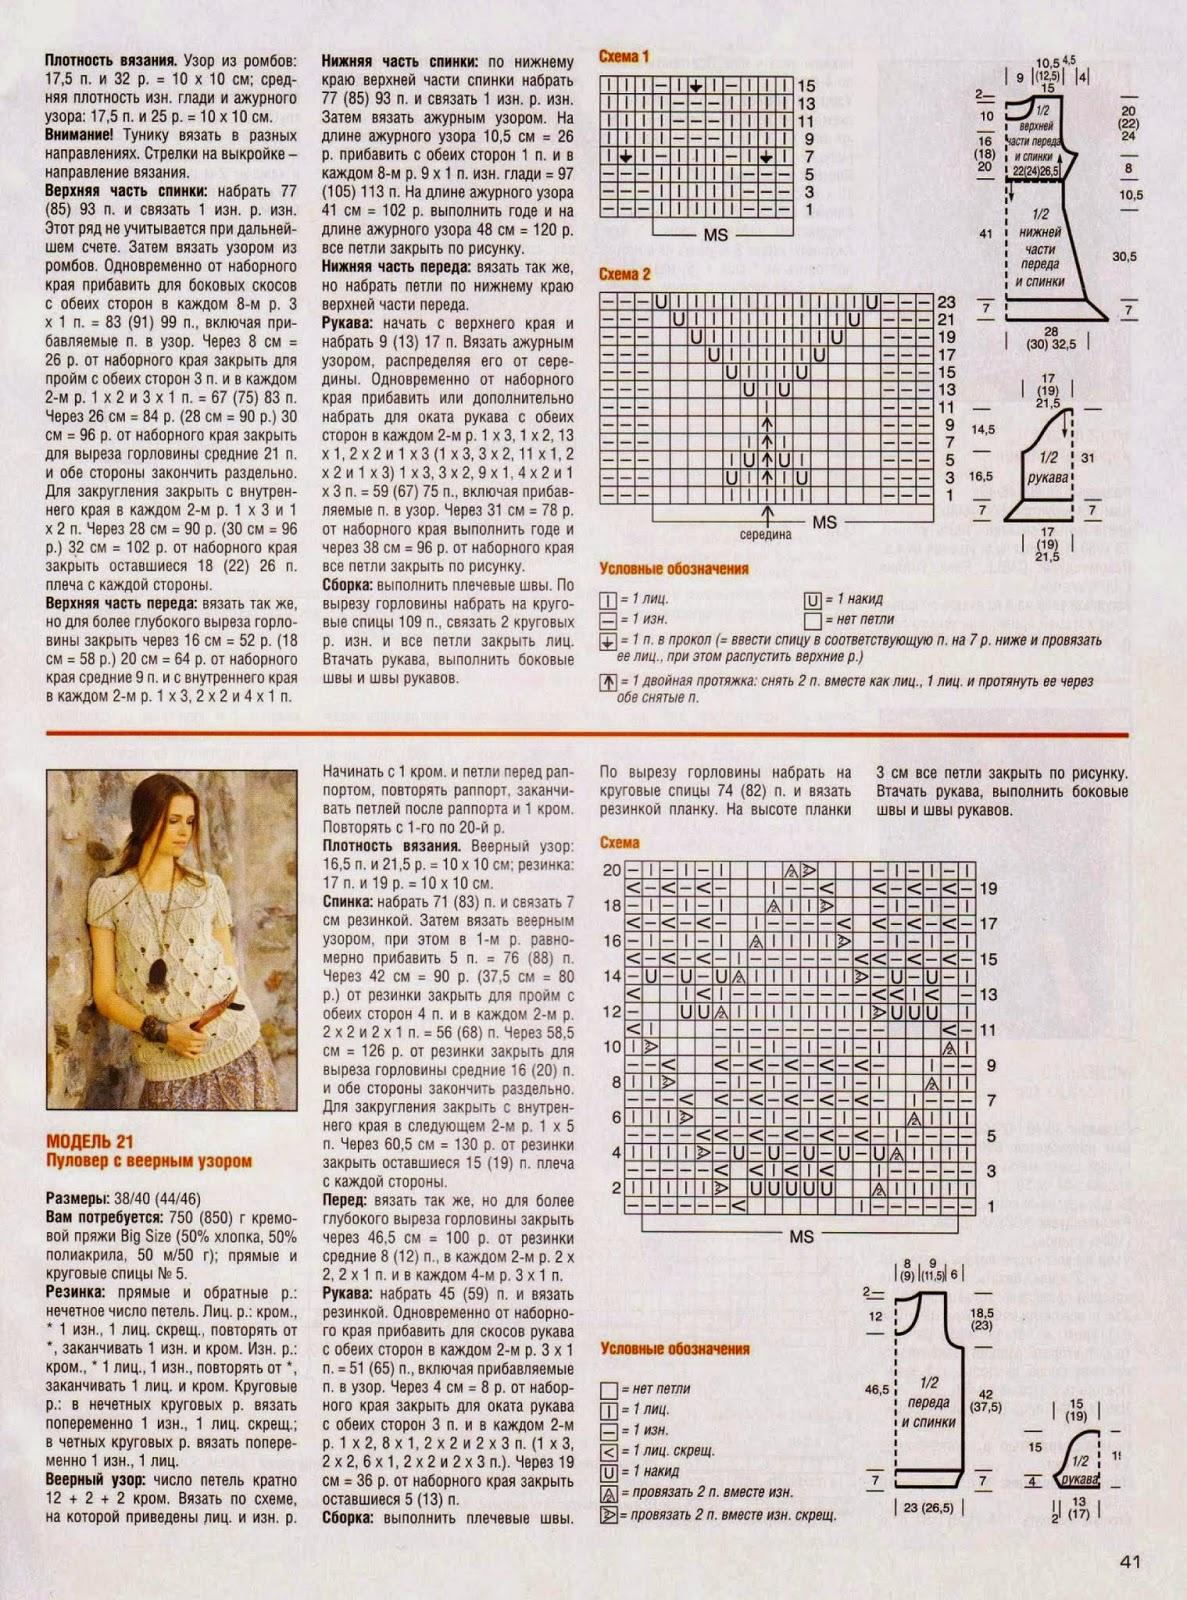 Журнал Сабрина - Описание вязания, схемы вязания 64